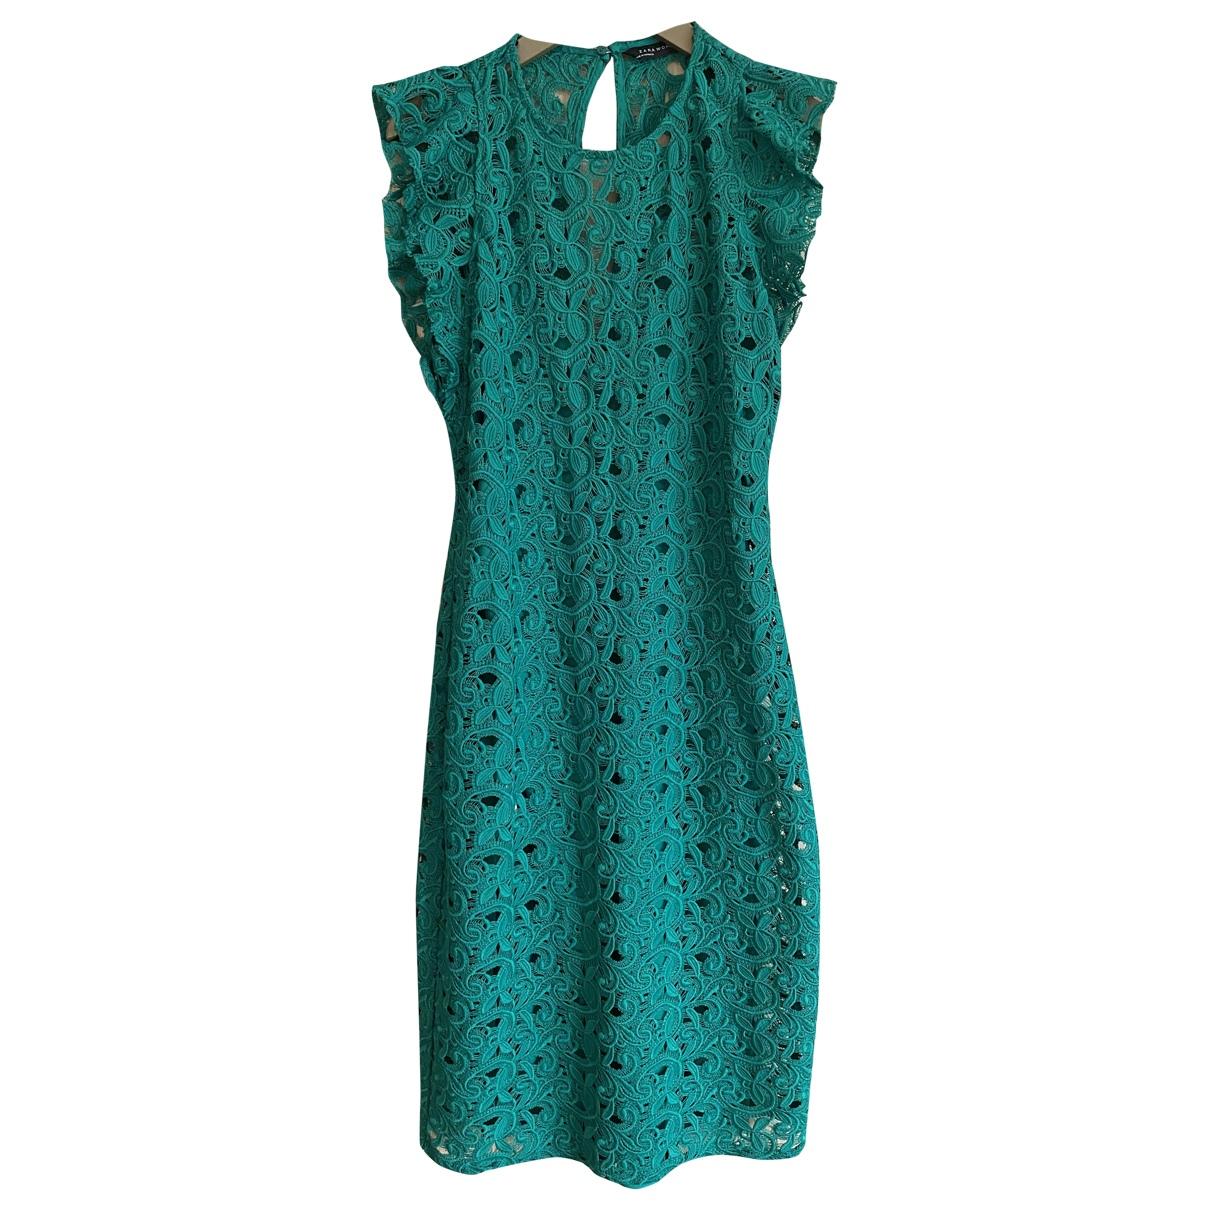 Zara \N Green Lace dress for Women M International